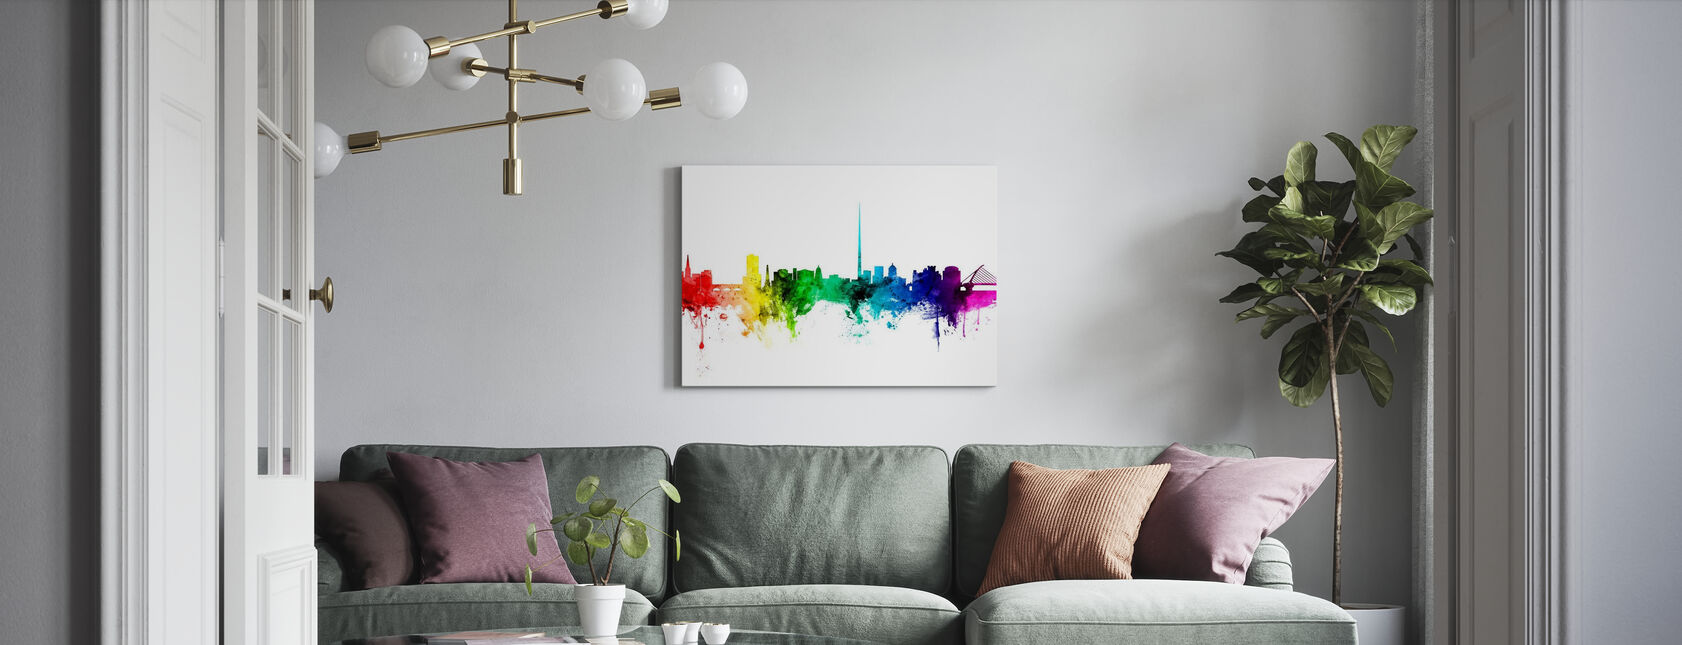 Dublin Skyline Rainbow - Canvas print - Living Room